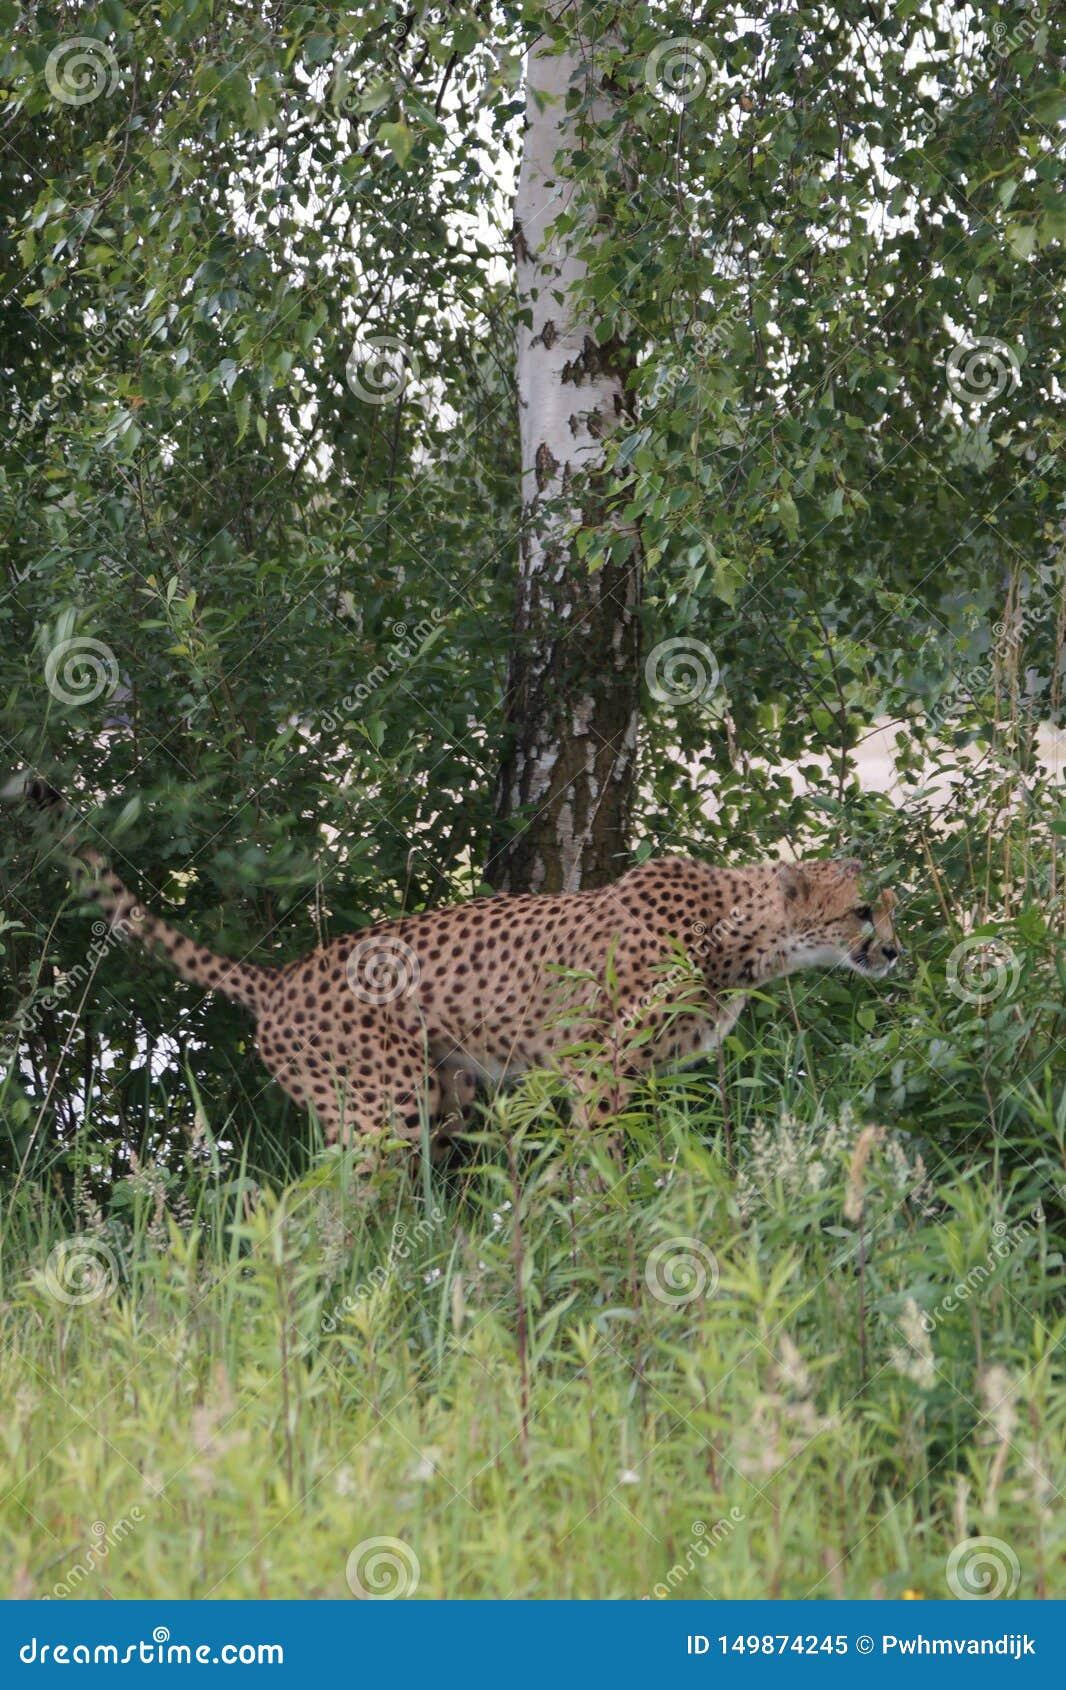 Jachtluipaard het shitting in het gras